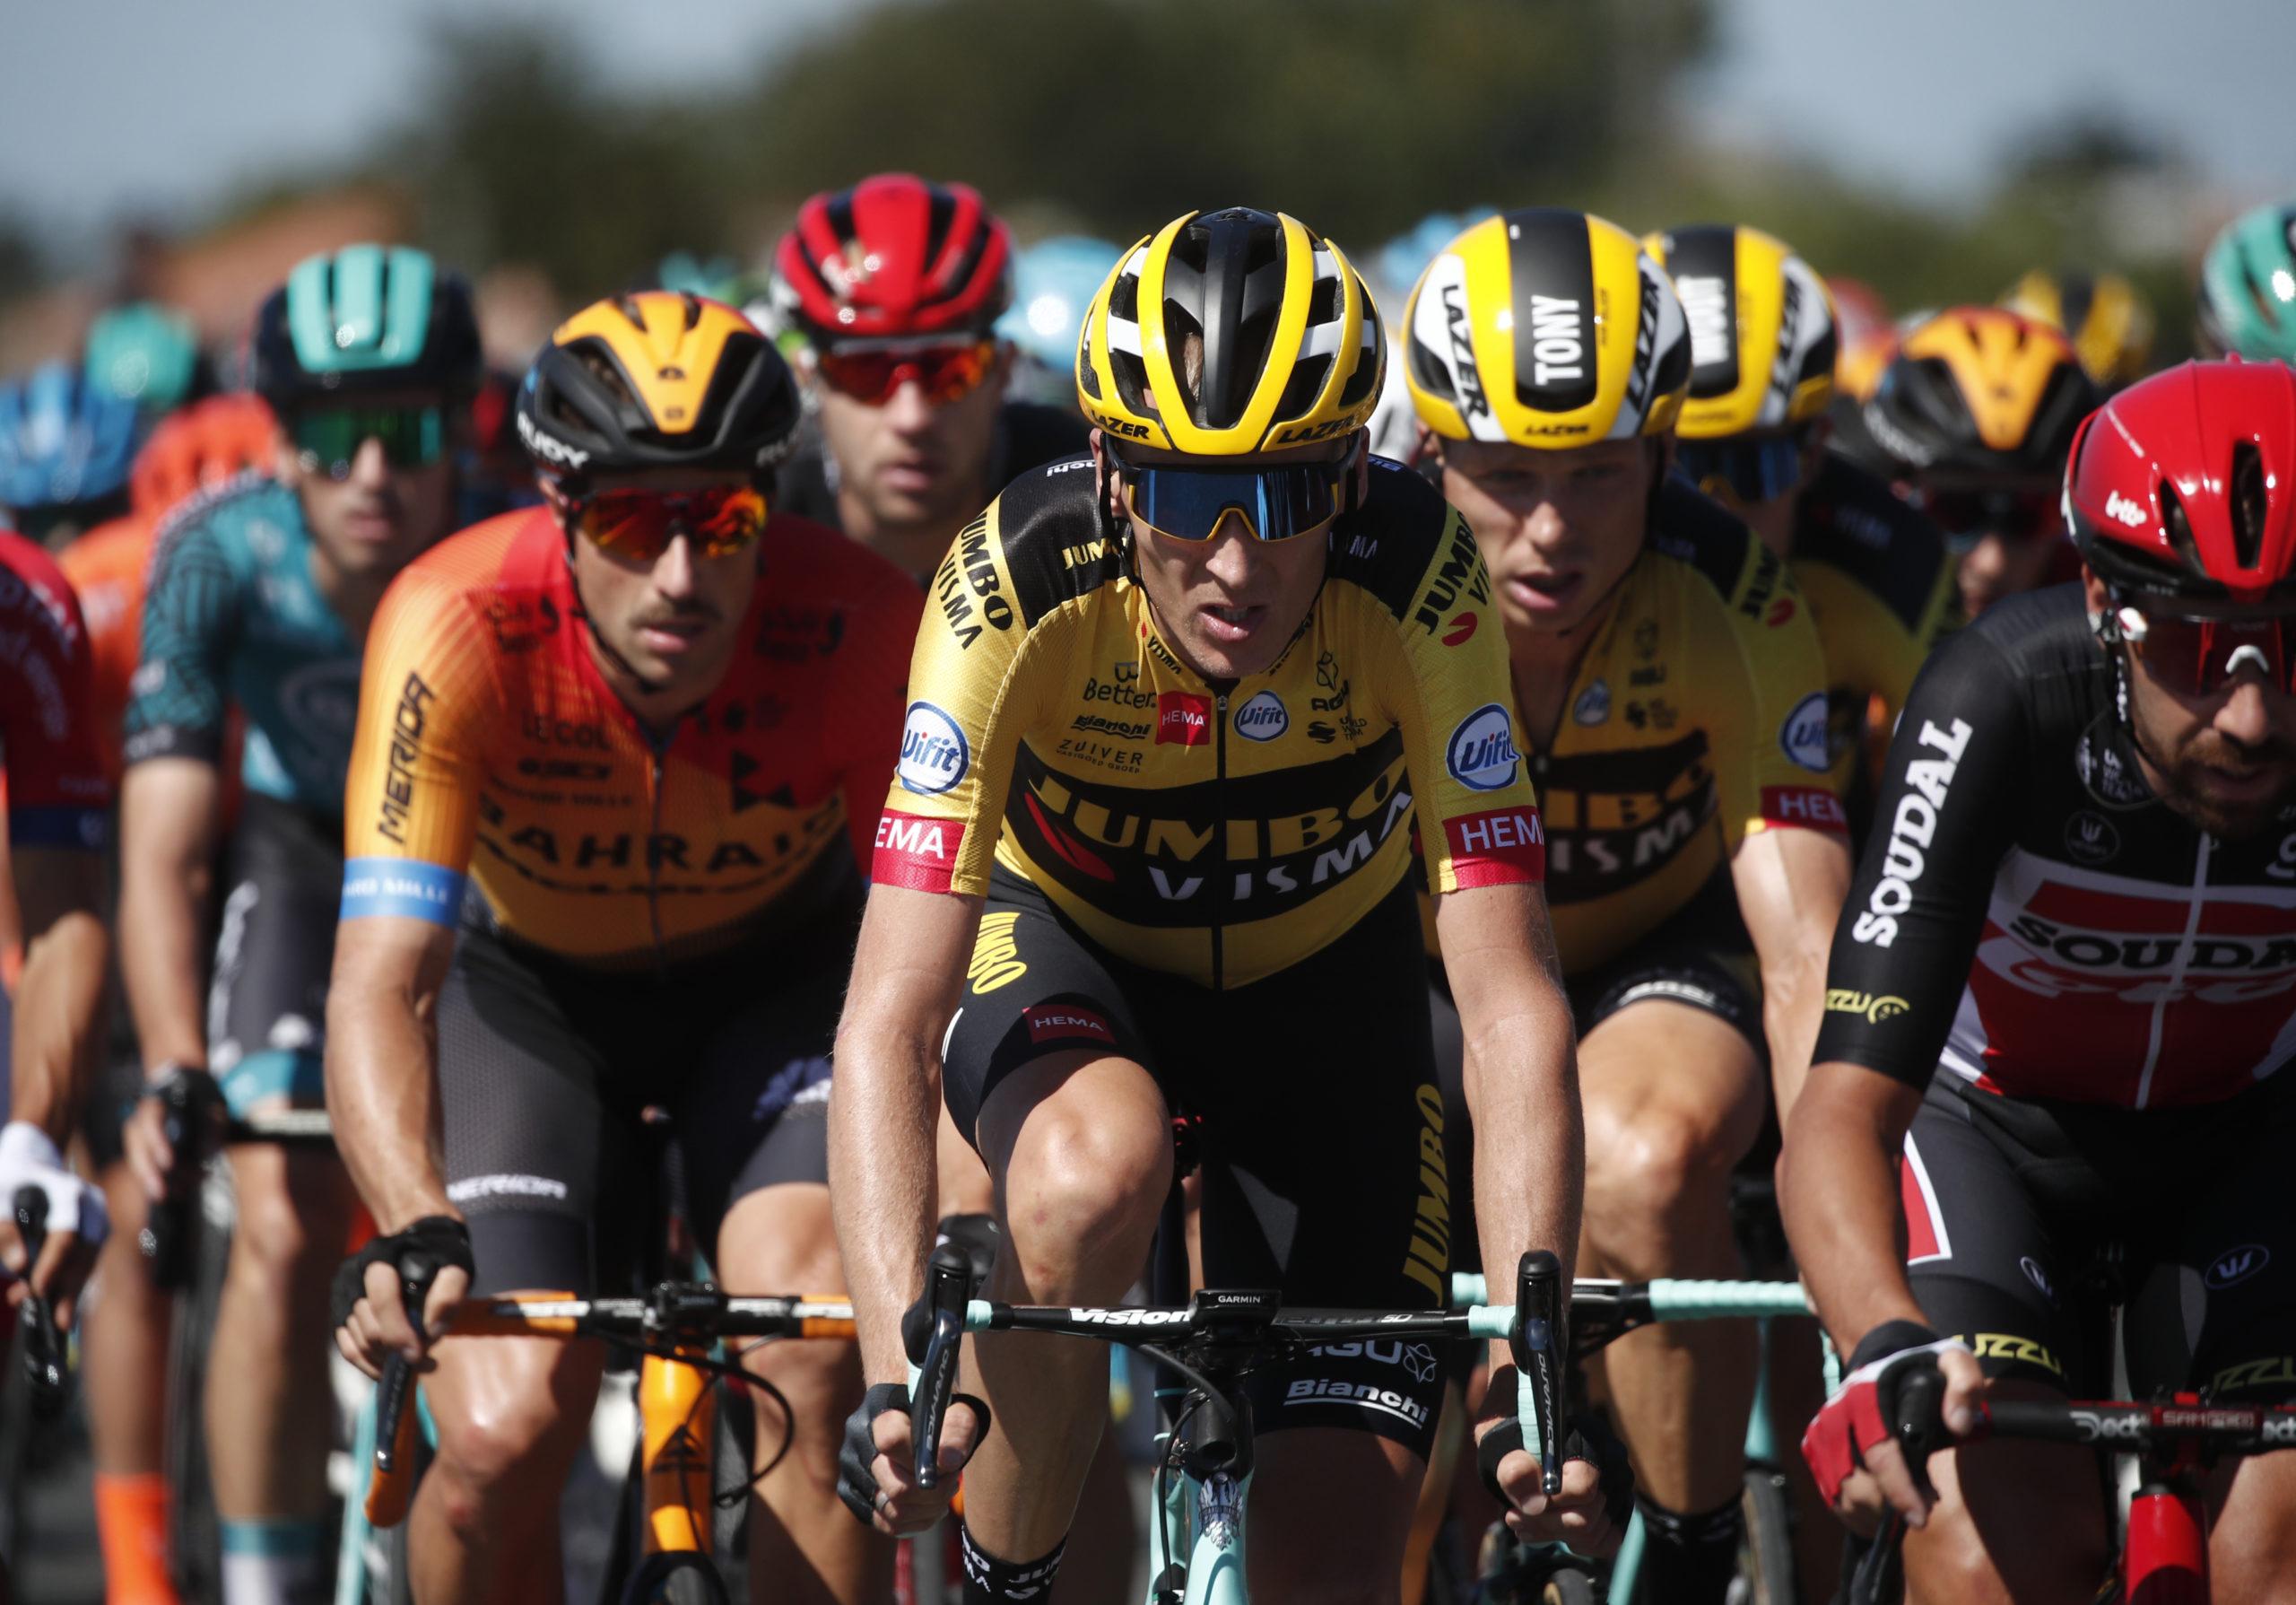 Tour de France: Aucun coureur positif au COVID-19